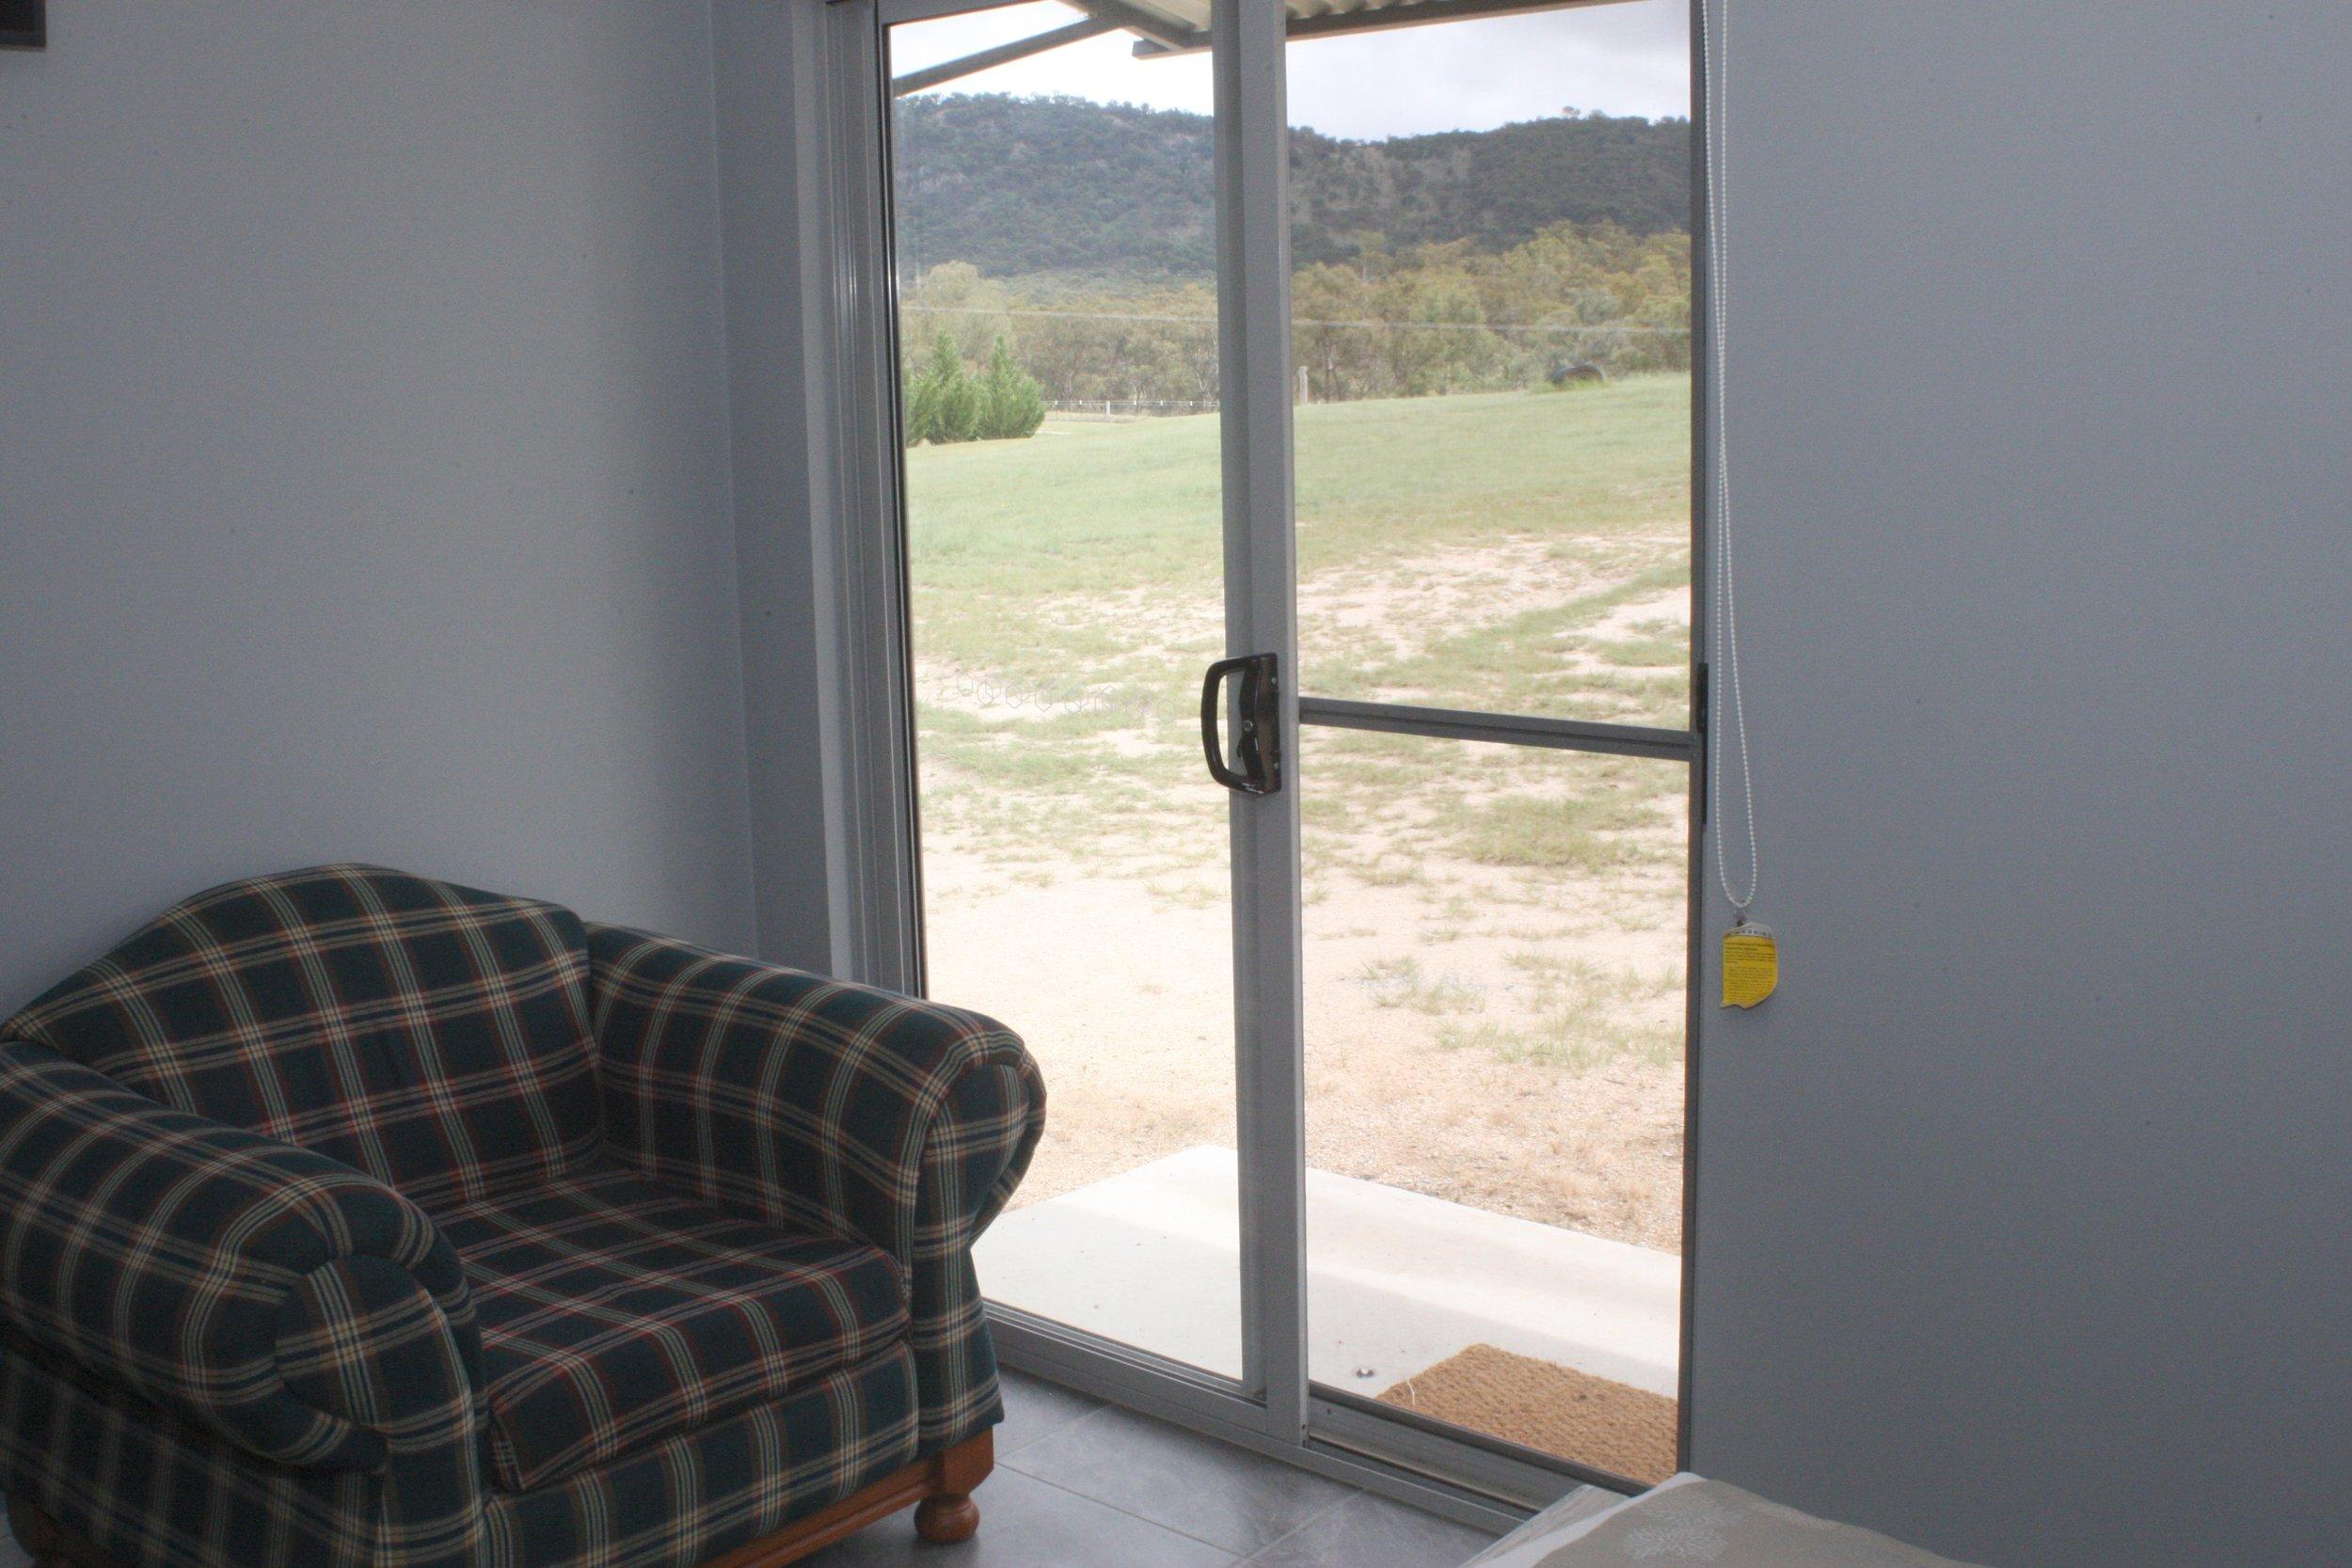 Sliding Door from Bedroom